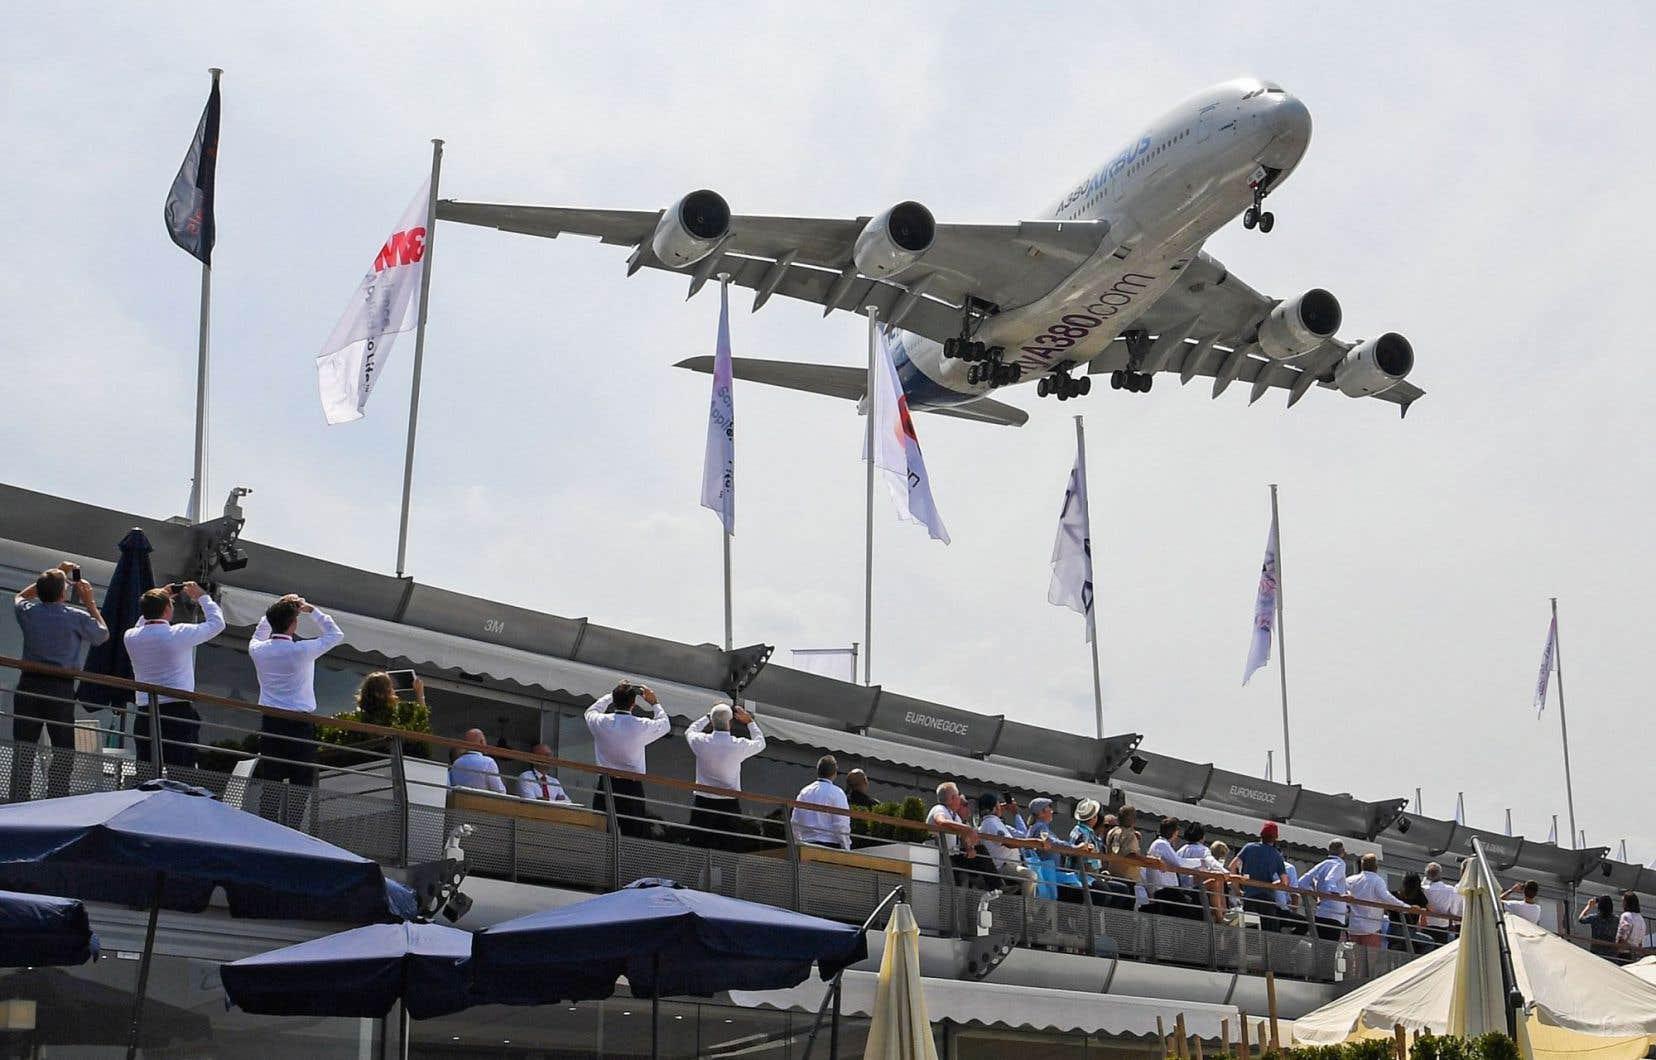 Airbus et Boeing, tous deux présents au Salon du Bourget, prennent cette concurrence au sérieux.